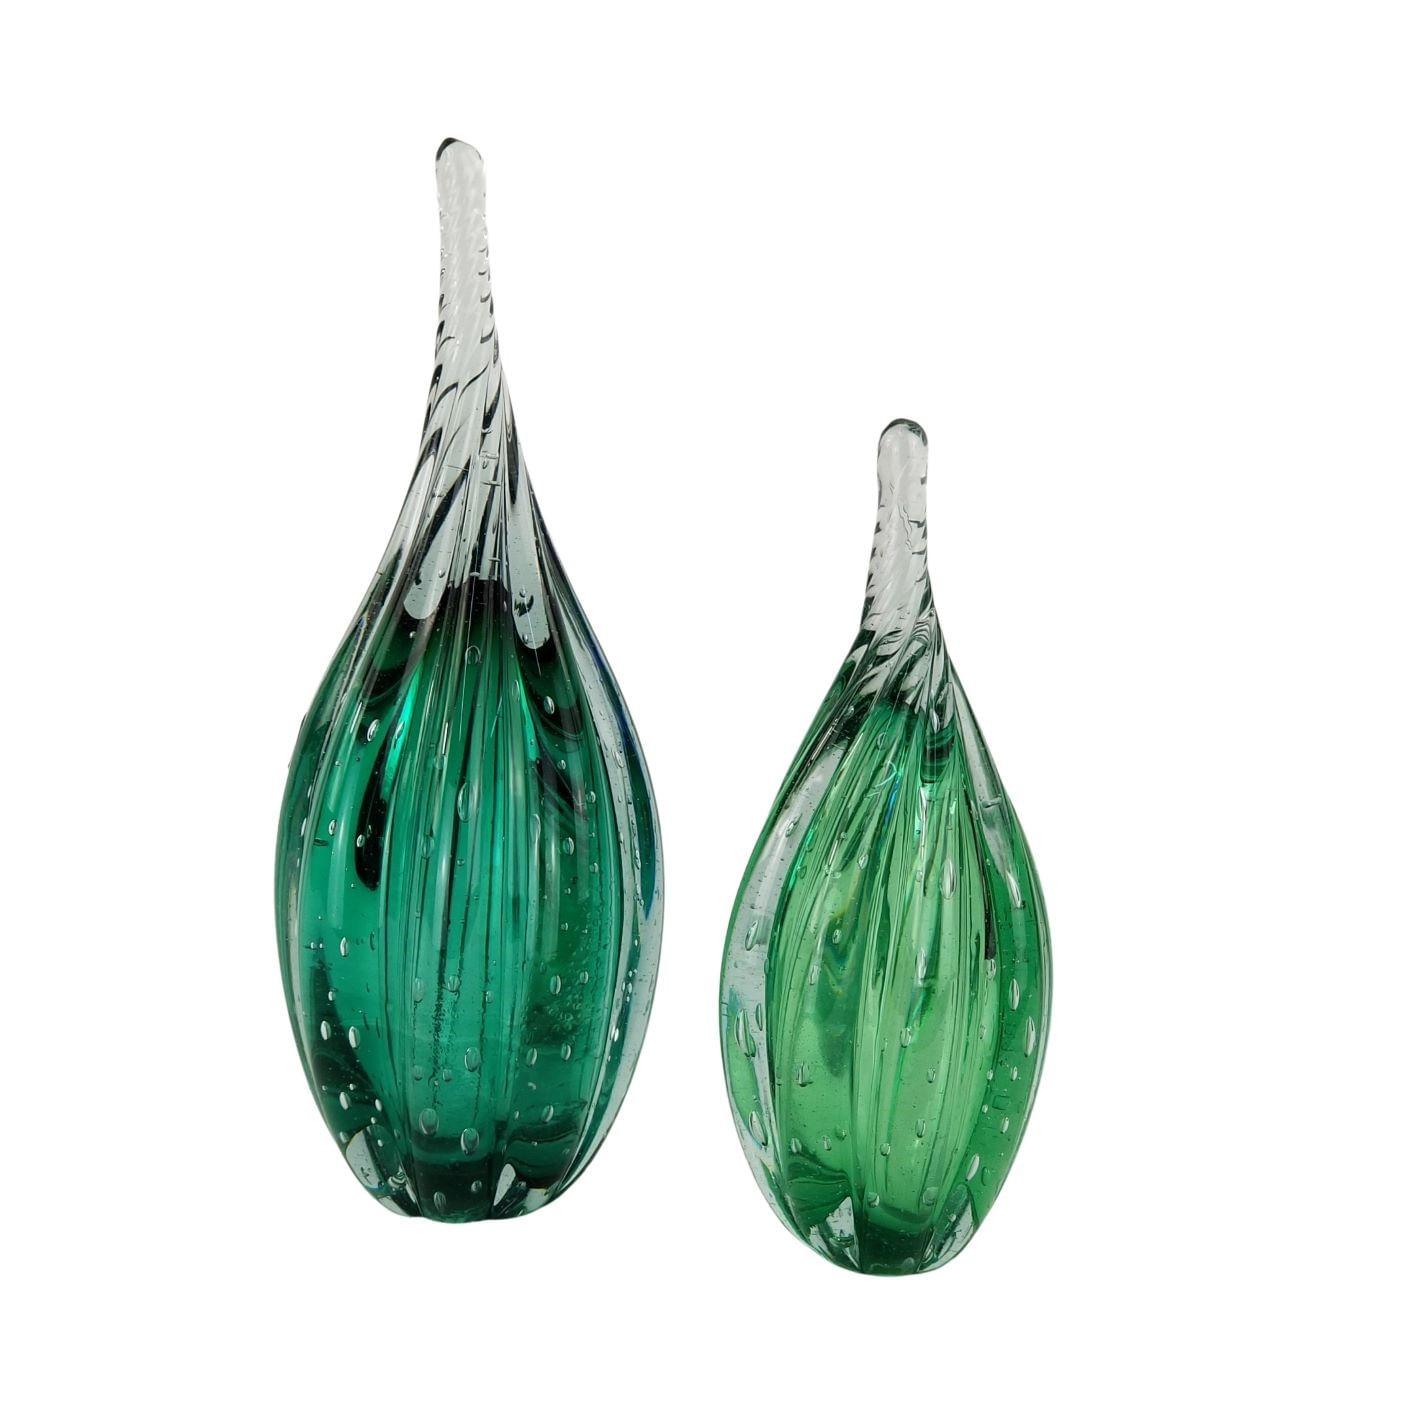 Kit 2 Gotas de Vidro Torcido Tipo Murano - Verde Esmeralda